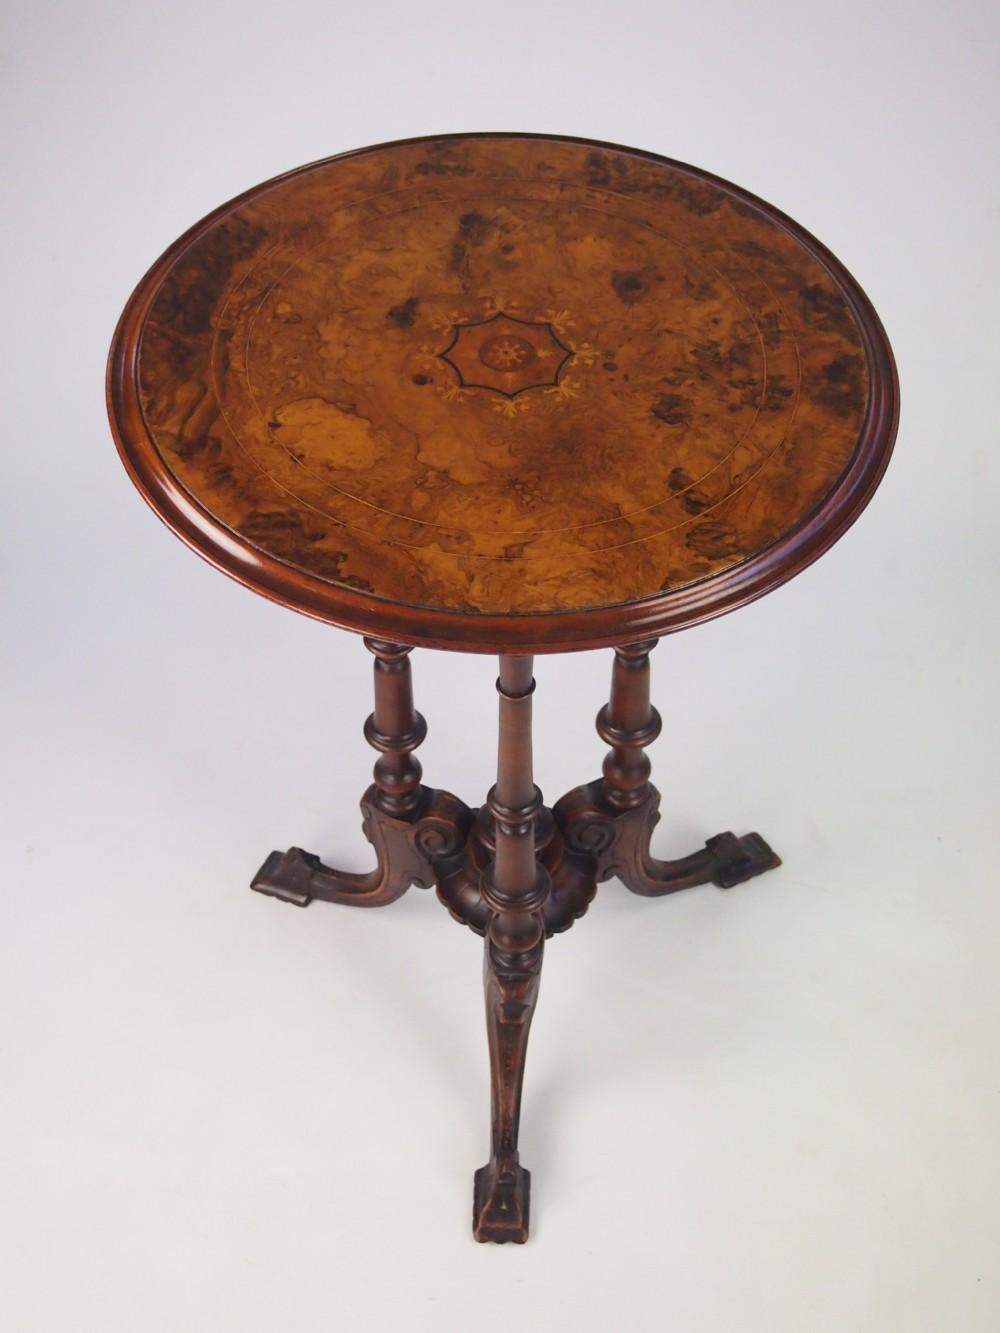 Antique Lamp Vintage Table Co : Fine antique victorian burr walnut tripod lamp table